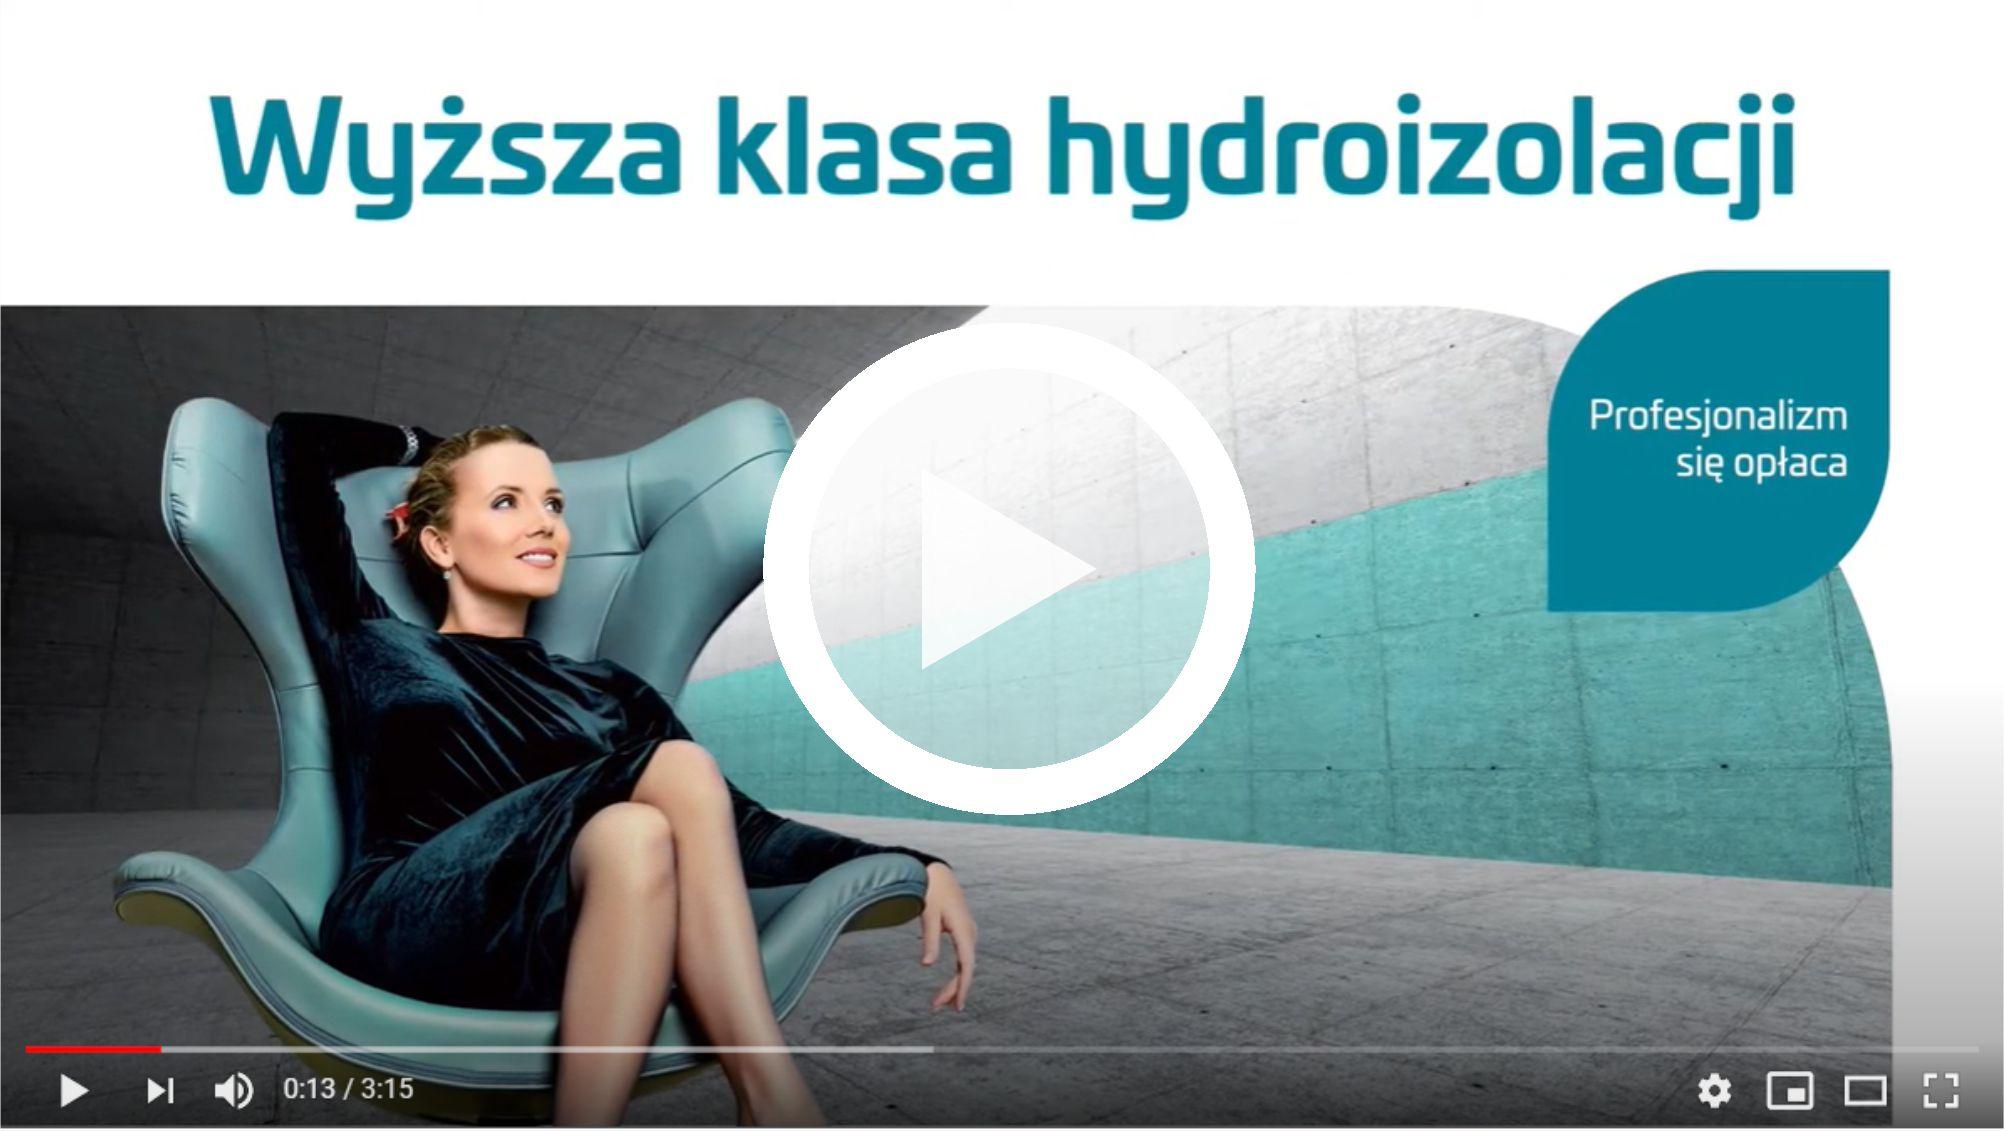 hydroizolacje-botament-systemowe-rozwiazania-od-fundamentu-po-dach